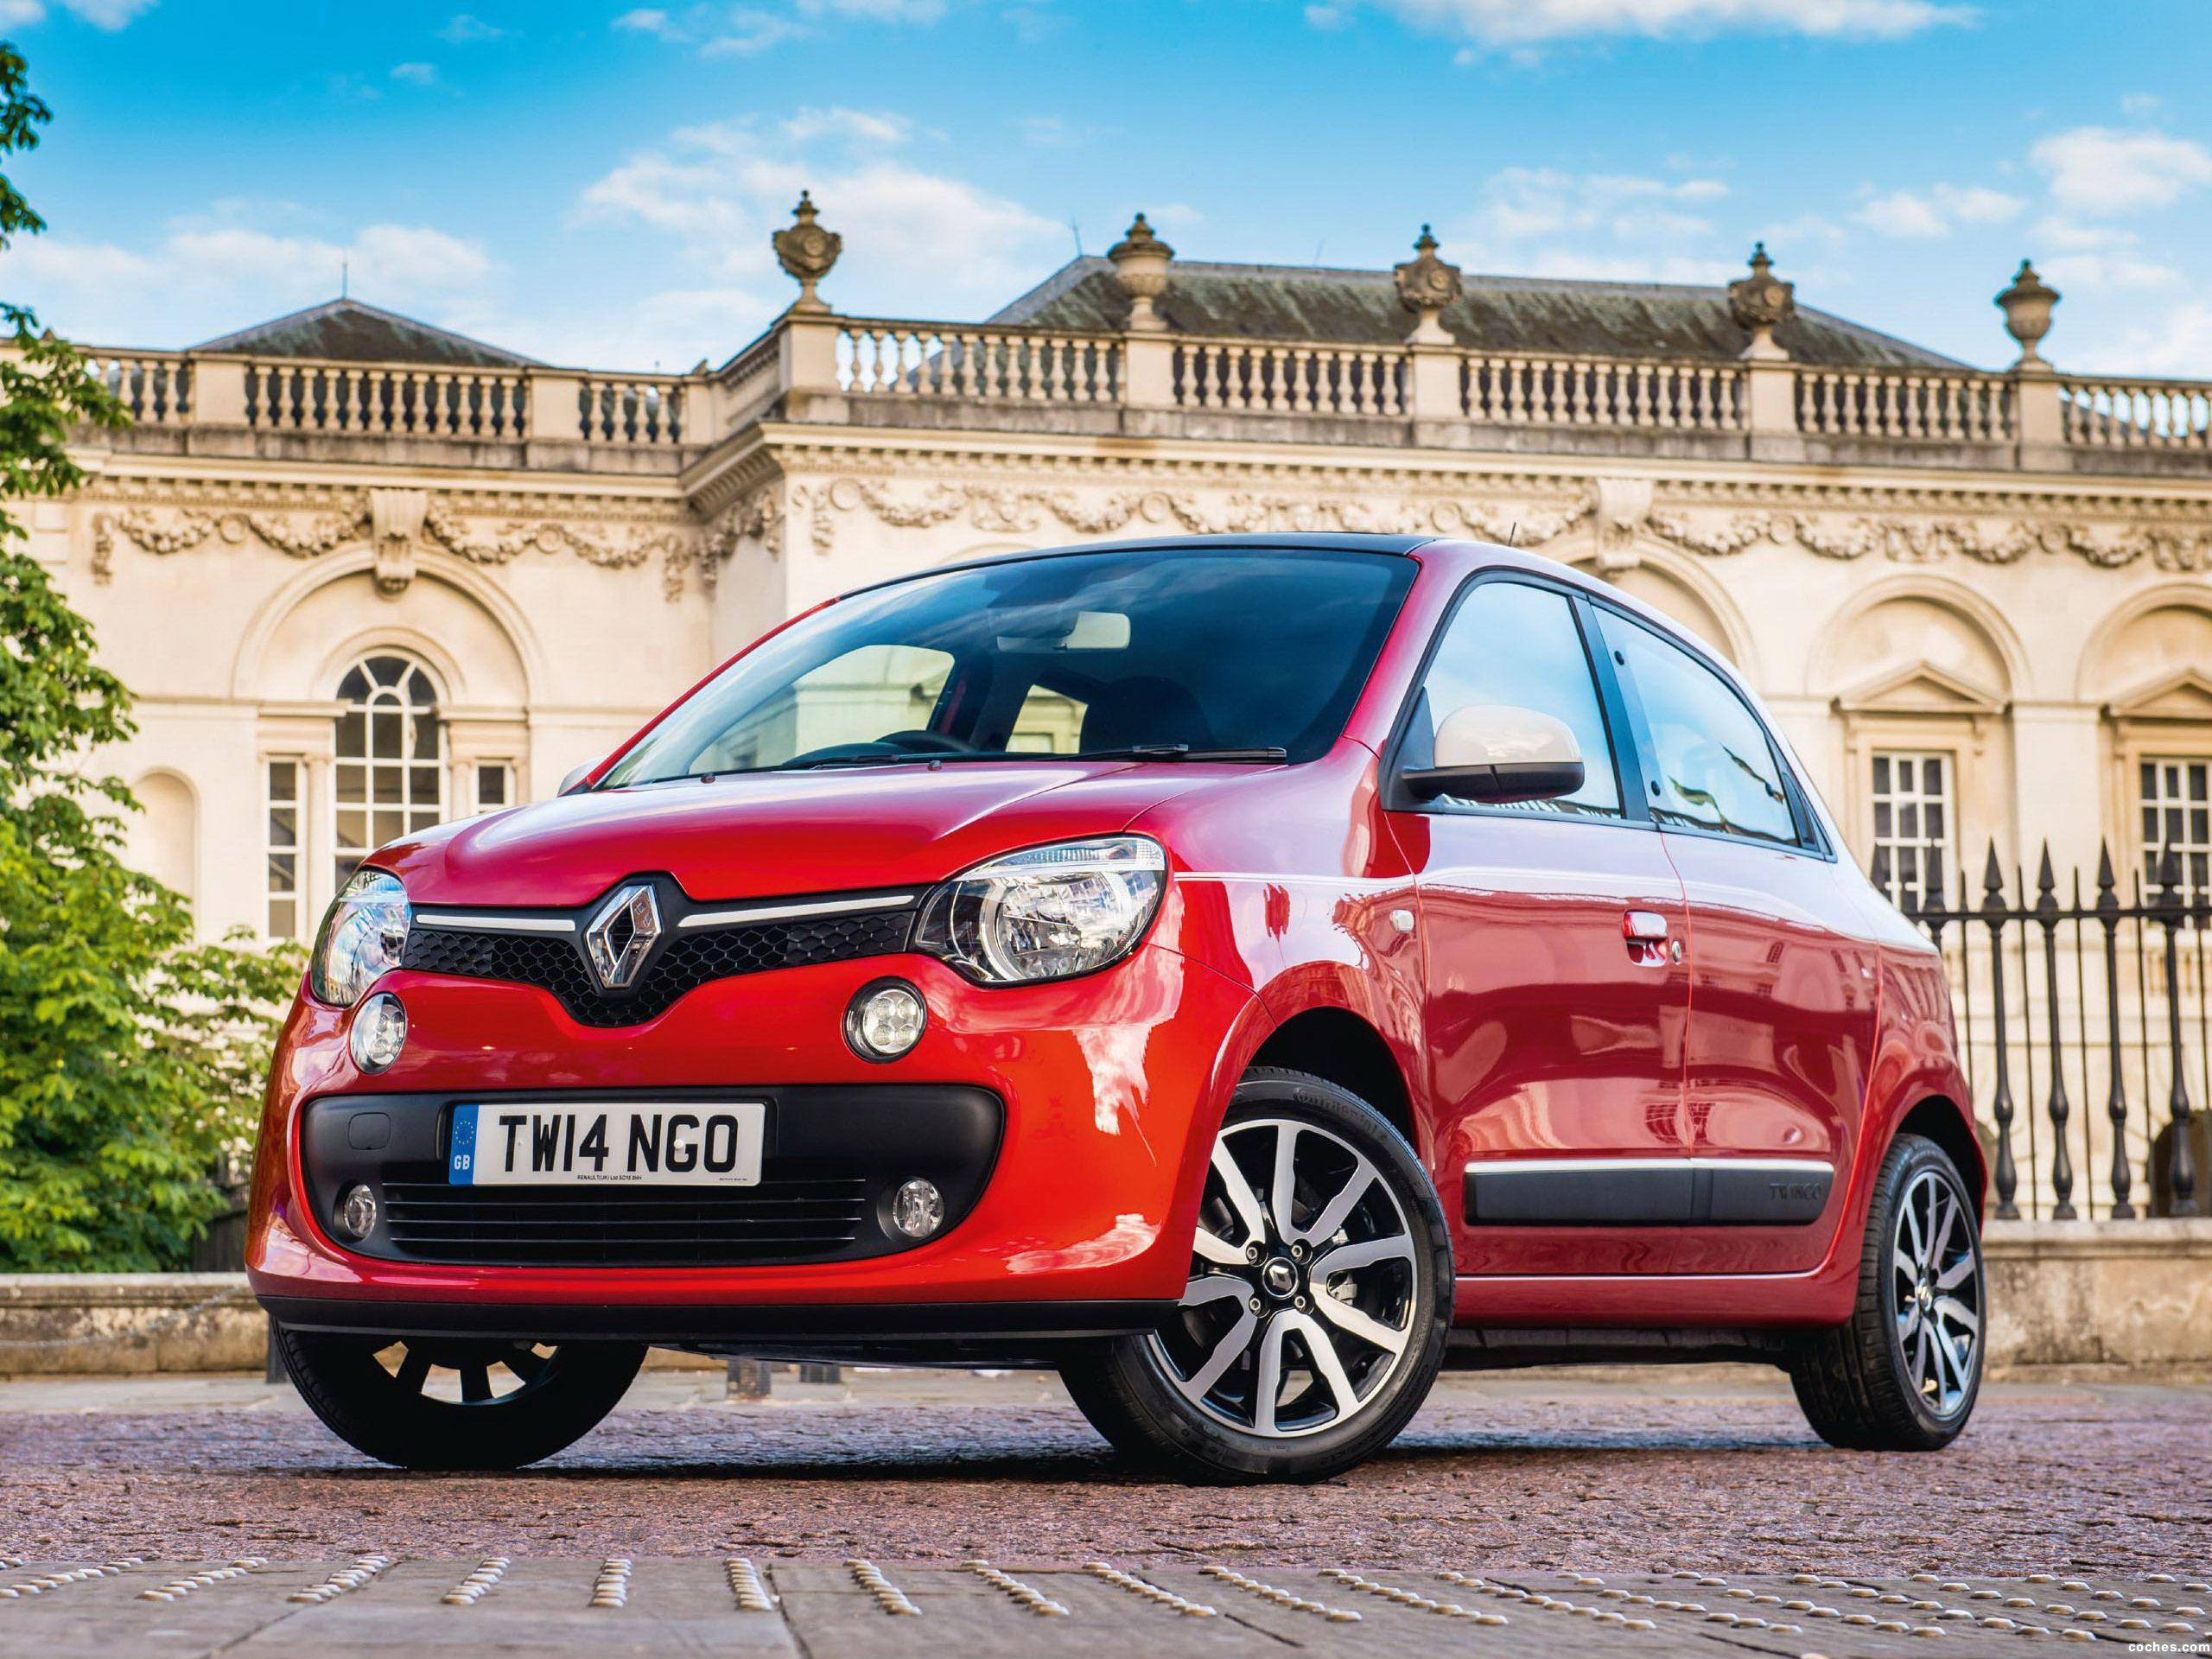 Foto 0 de Renault Twingo Soft Top UK 2014